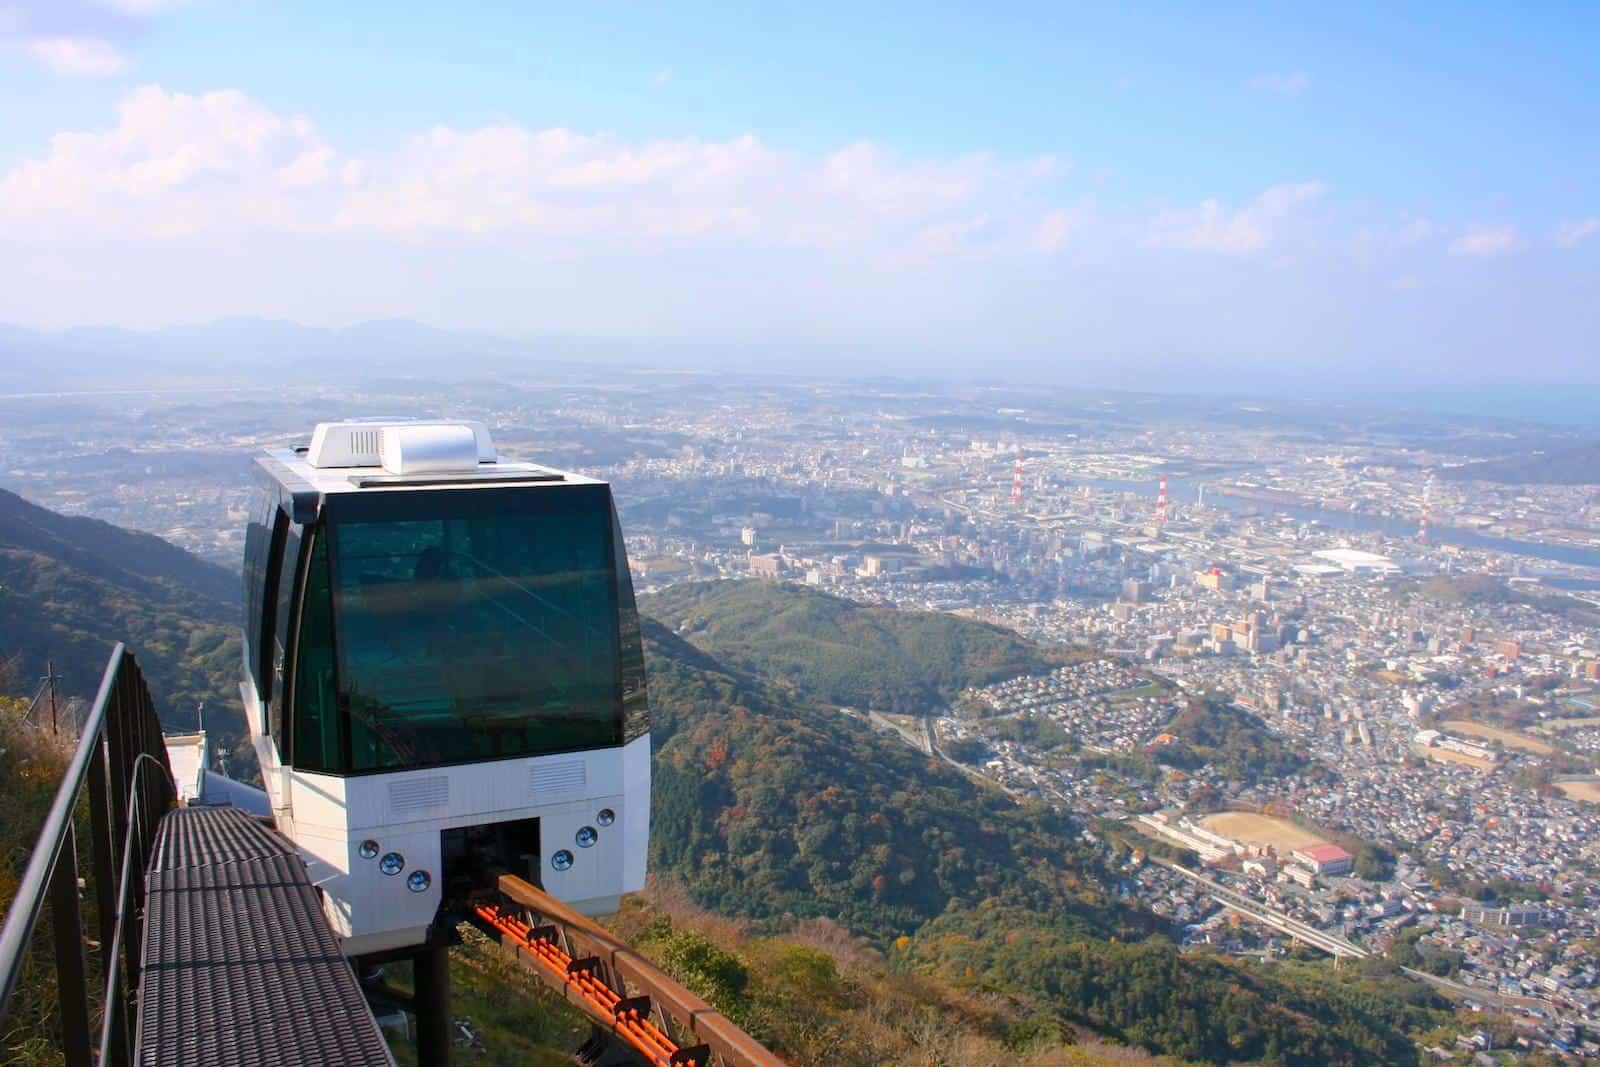 ยอดเขาซาระคุระ (Sarakurayama) ใน Kitakyushu